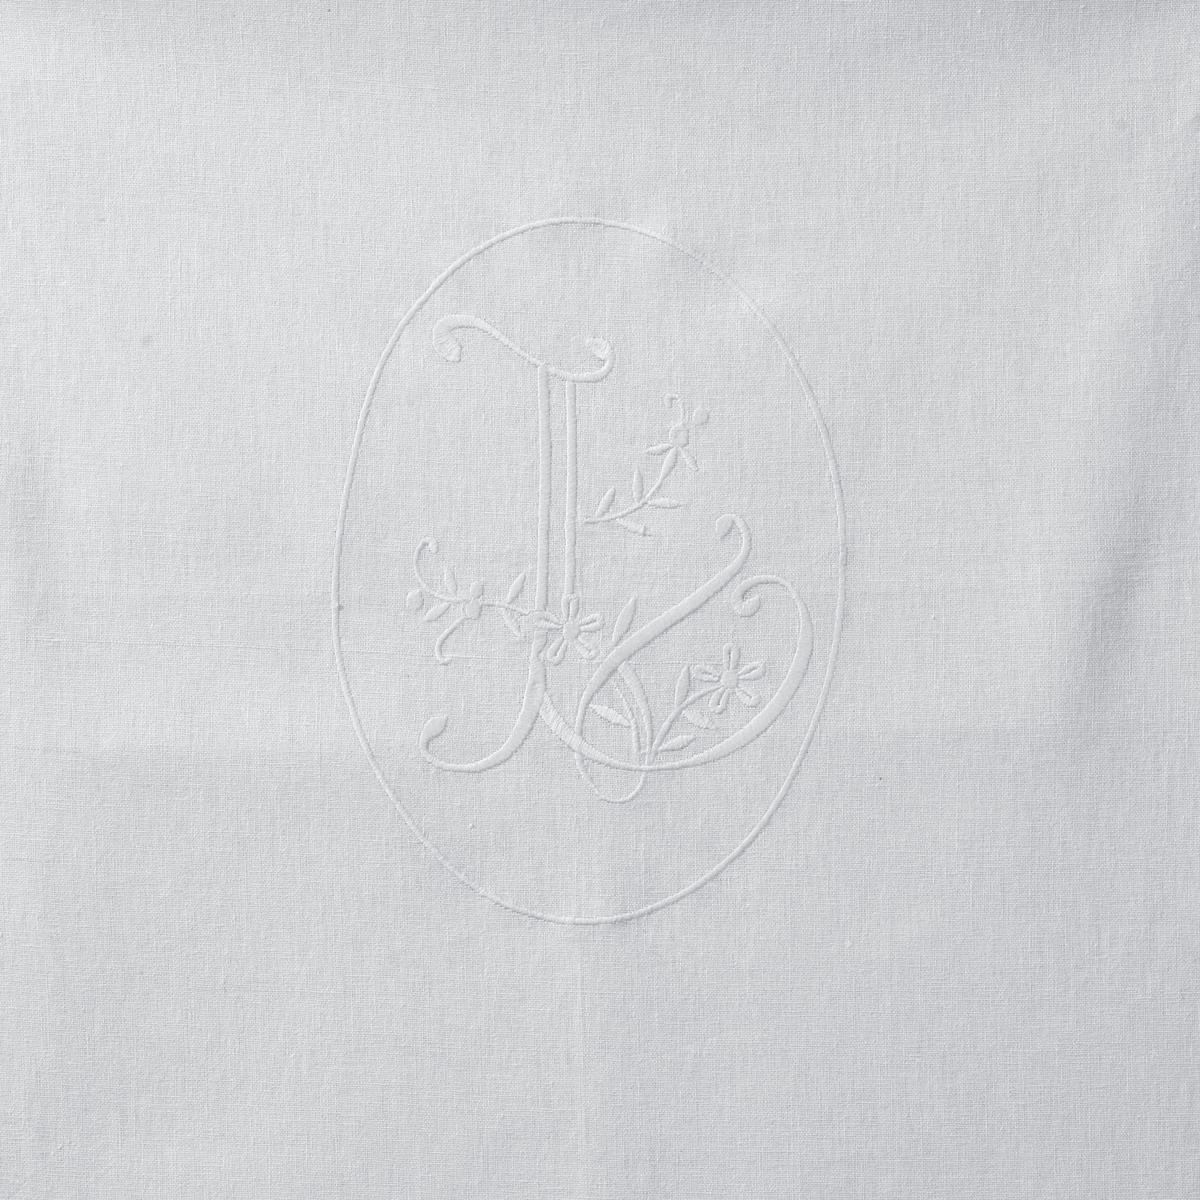 Скатерть из полушерстяной ткани с вышивкой в виде декоративных отверстий, L BROD?Текстиль для столовой с вышивкой в тон для изысканного и романтичного стола. Полушерстяная ткань из волокон льна и хлопка, мягкая и устойчивая к стиркам. Великолепное напоминание красивого текстиля как в прежние времена! Высокое качество льна и хлопка, вышивка в центре в виде вензеля с цветами, листьями и гирляндами, бесподобная на ощупь драпированная скатерть.Отделка в виде декоративных отверстий.55% льна, 45% хлопка.Машинная стирка при 40 °С.<br><br>Цвет: белый<br>Размер: 150 x 300